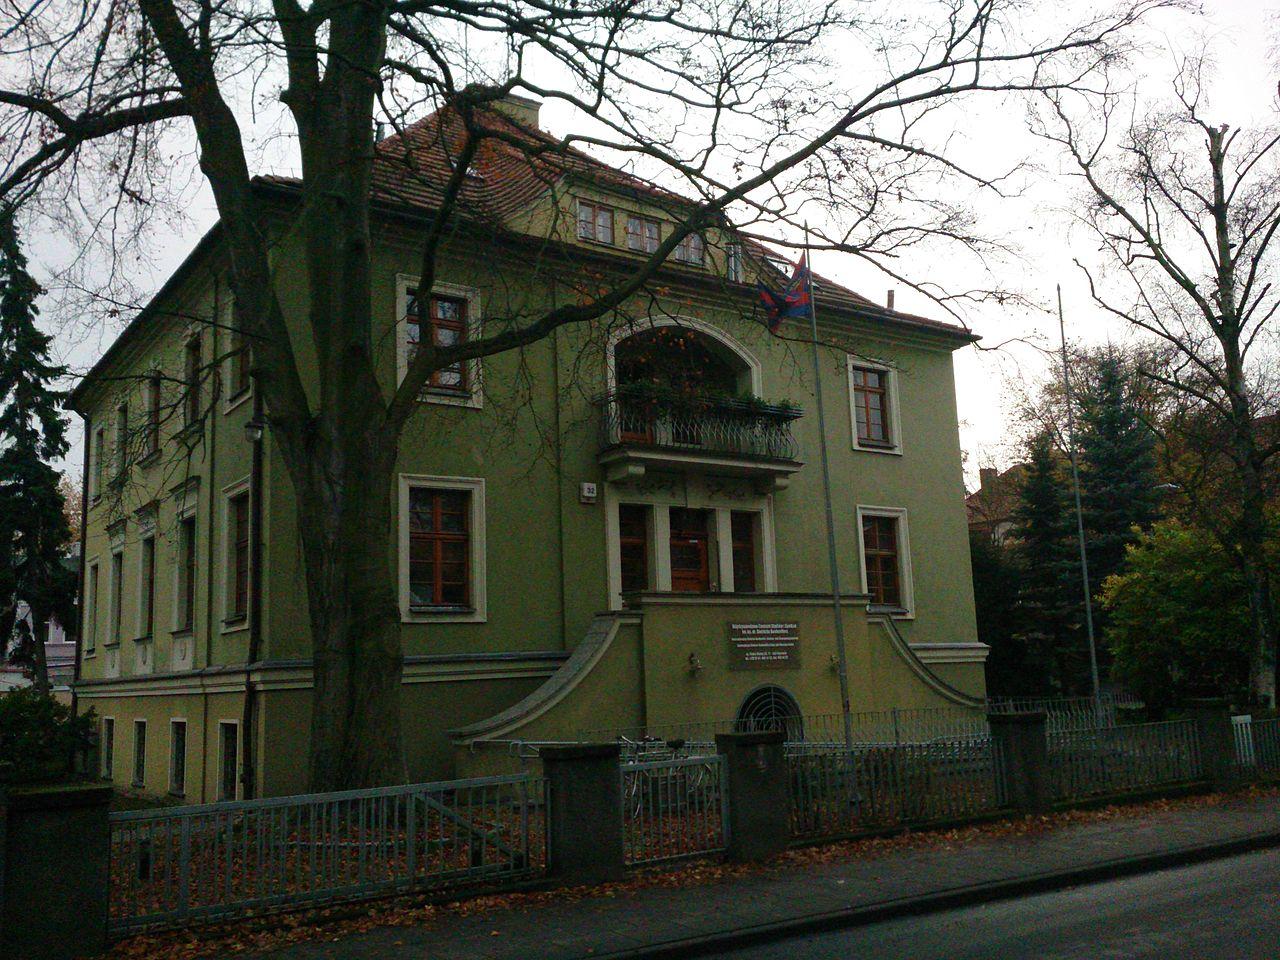 Bild Bonhoeffer Studien und Begegnungszentrum e.V. Stettin (Szczecin)